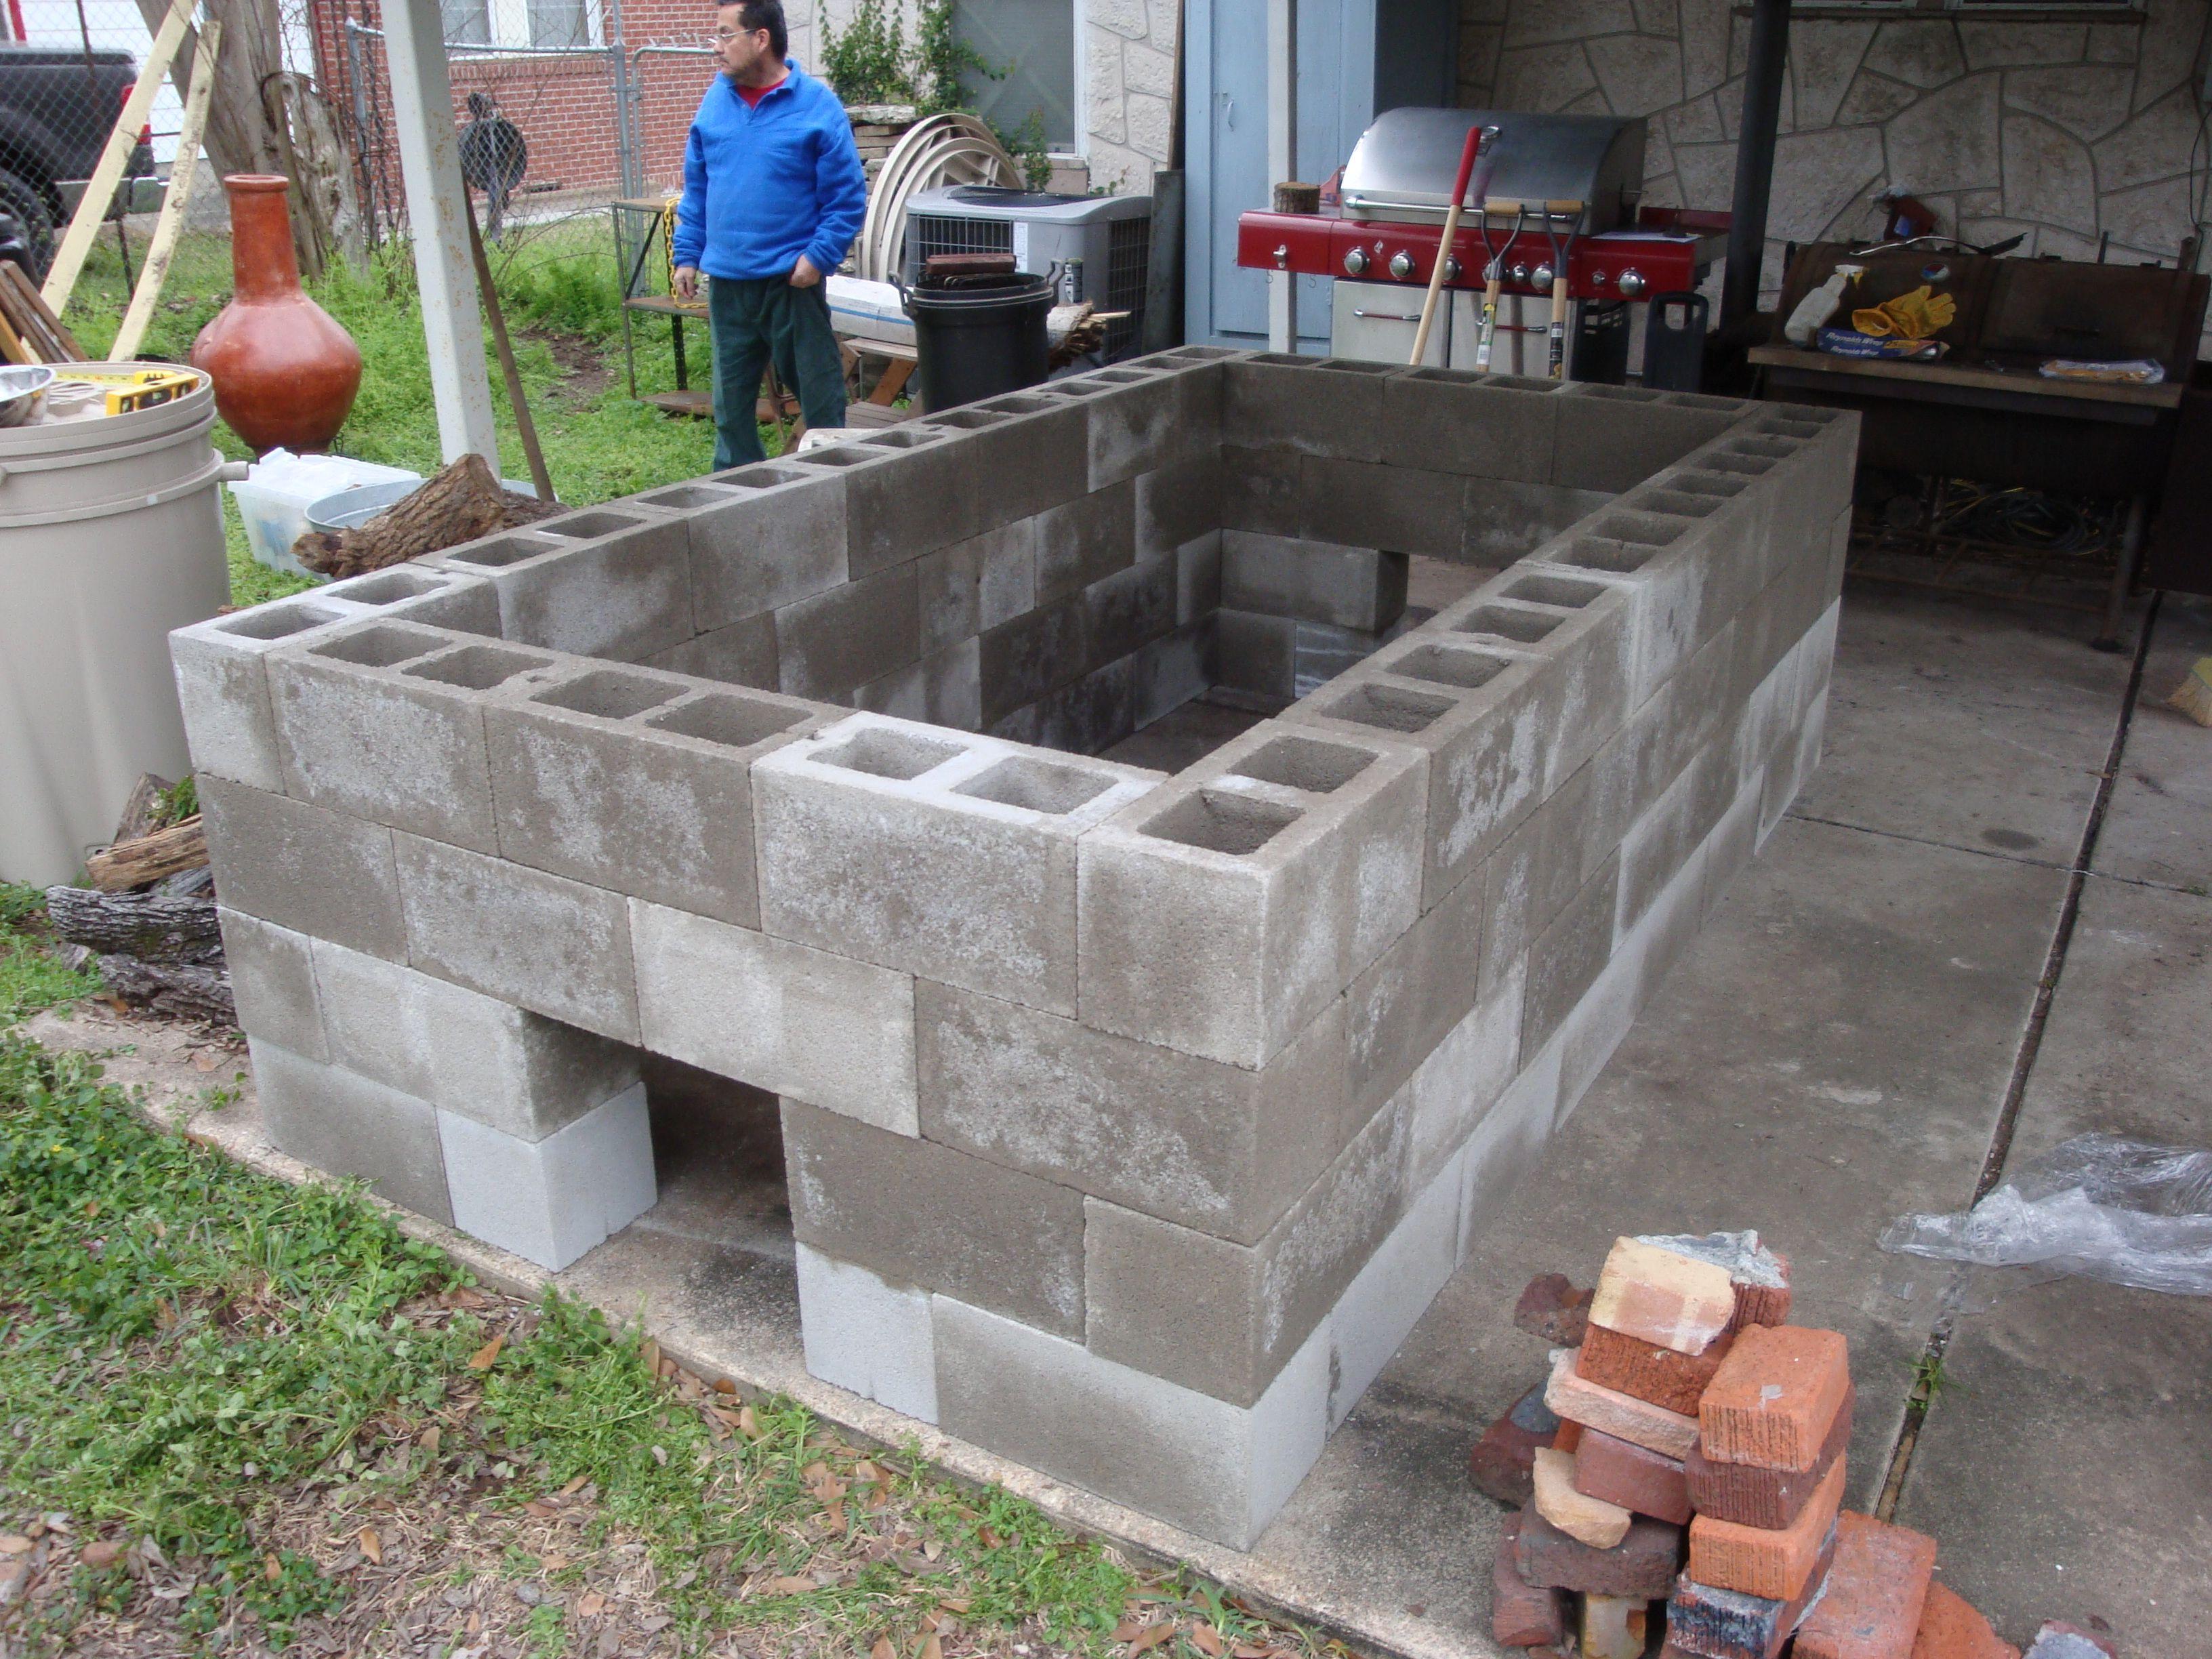 Cinderblock Pit Backyard Bbq Grill Fire Pit Grill Bbq Pig